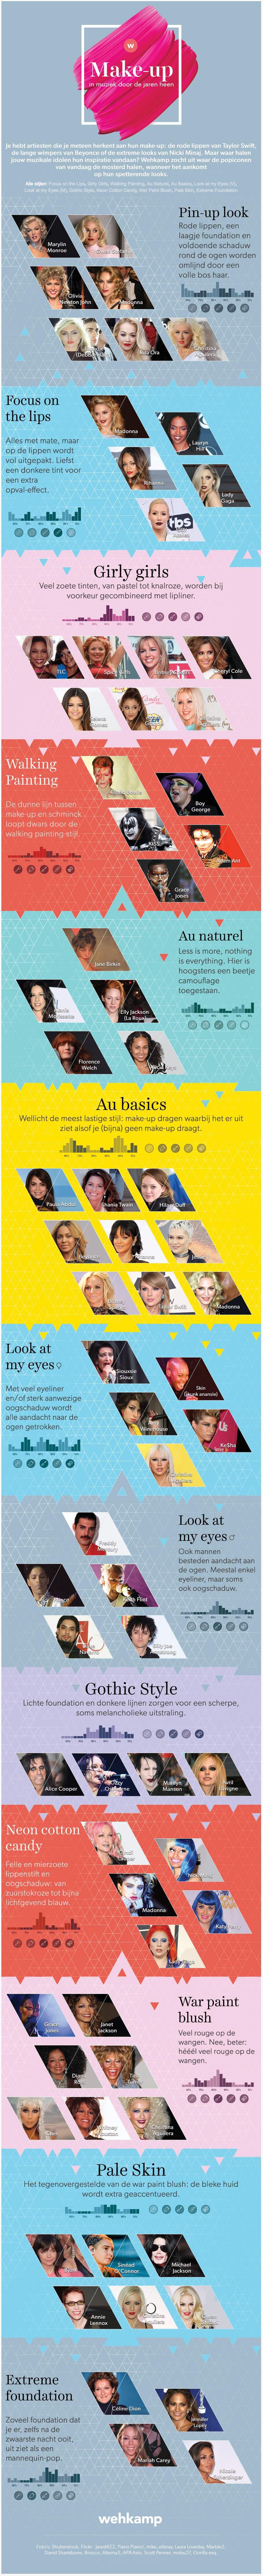 Infographic over de vele make-up stijlen van artiesten.